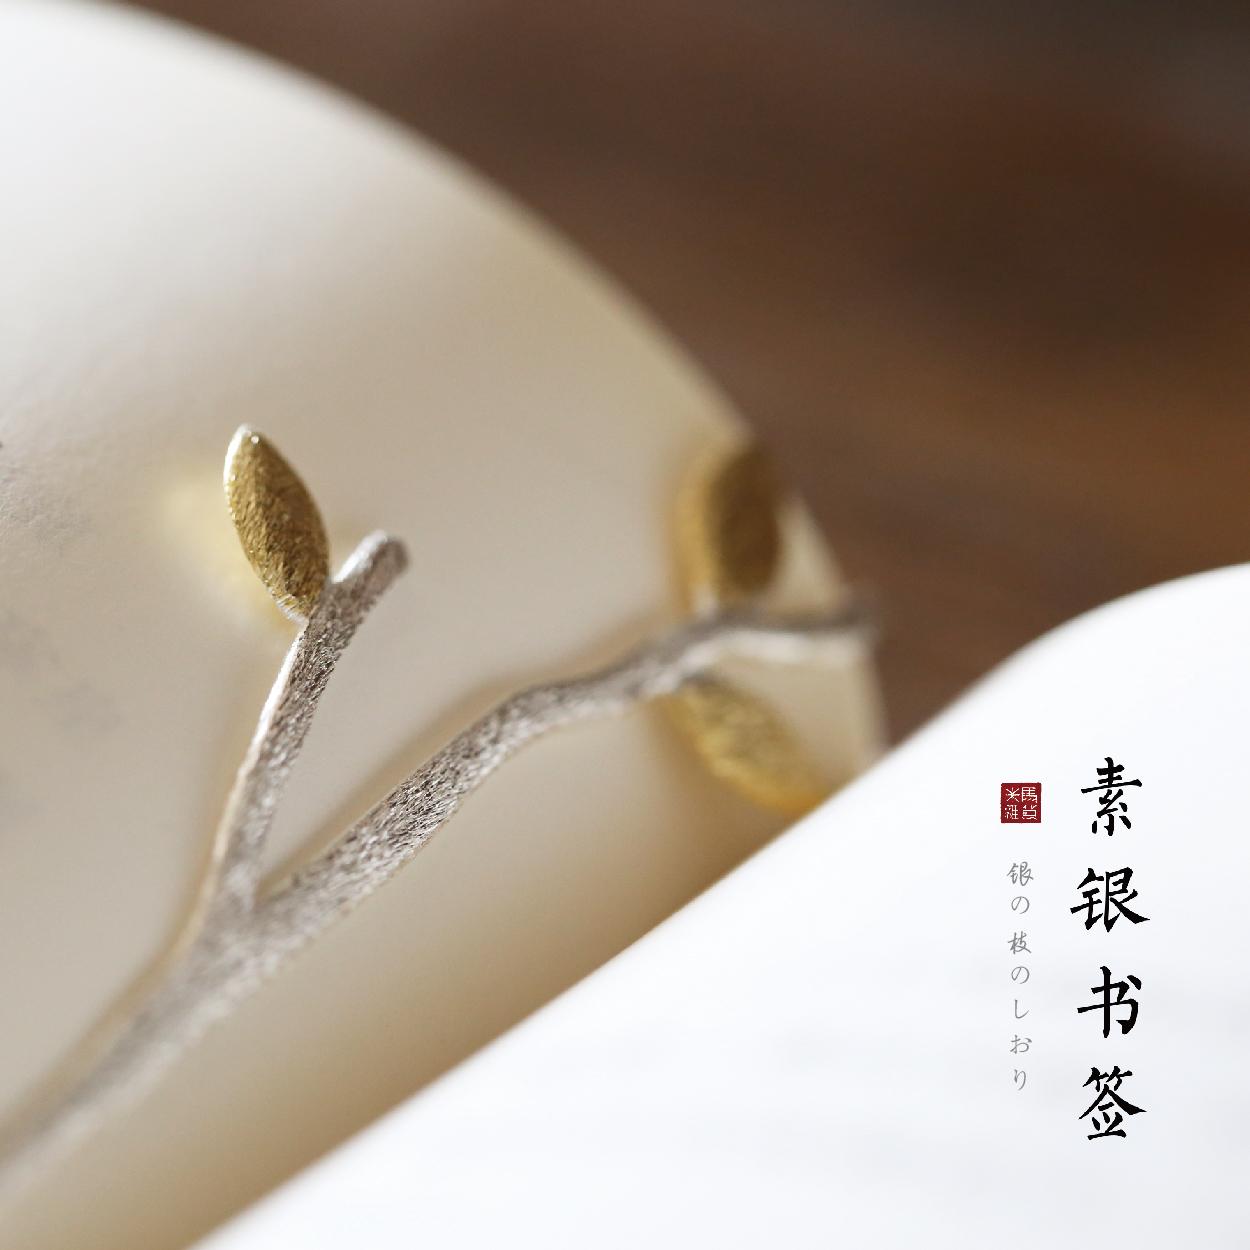 Метр лошадь разное товары серебро закладки чтение является в сердце в семена на счастливые лесные ! не династия тан внезапно небольшой подарок